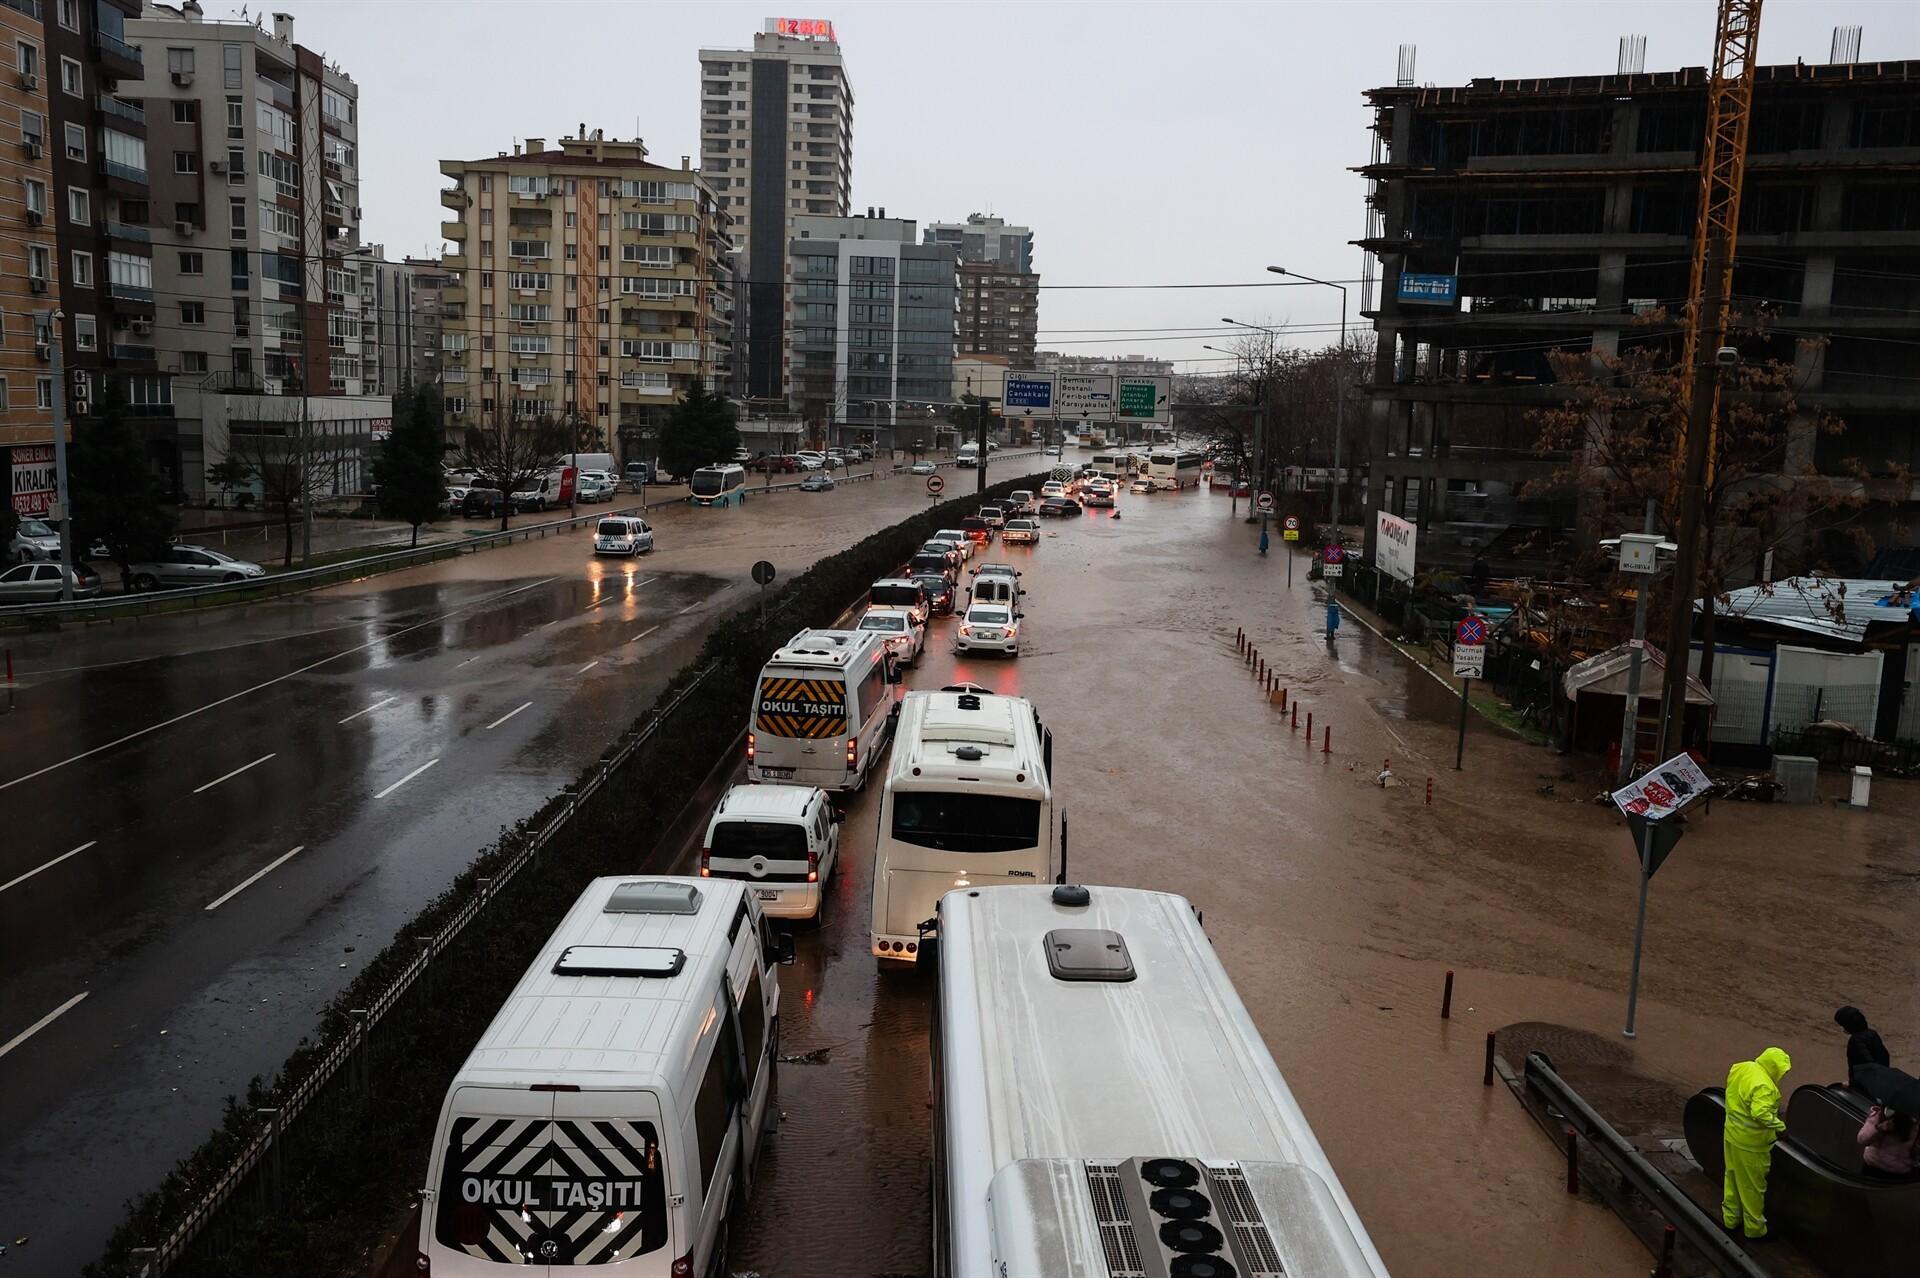 Son dakika: İzmir'deki olağanüstü sağanak yağış için peş peşe açıklamalar! 2 kişi hayatını kaybetti